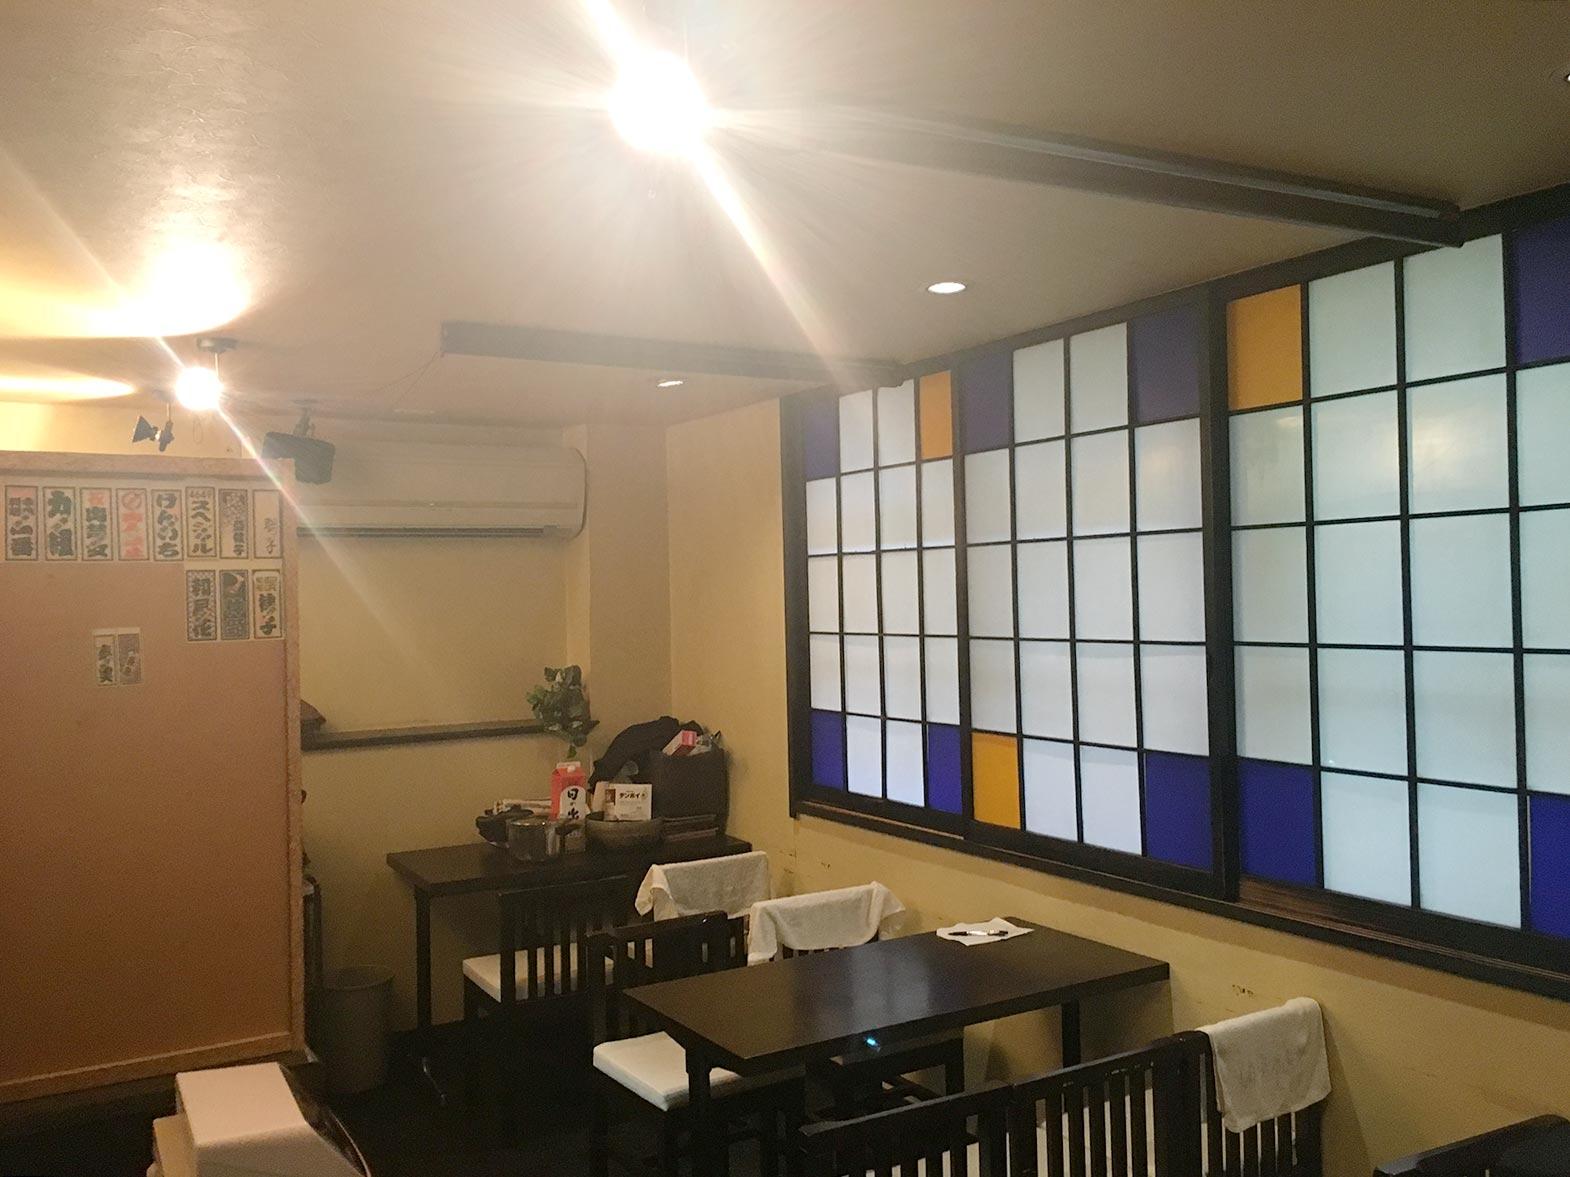 日本初のムーガタ専門店開店に向け、路面店・山手線沿線を条件に物件探し